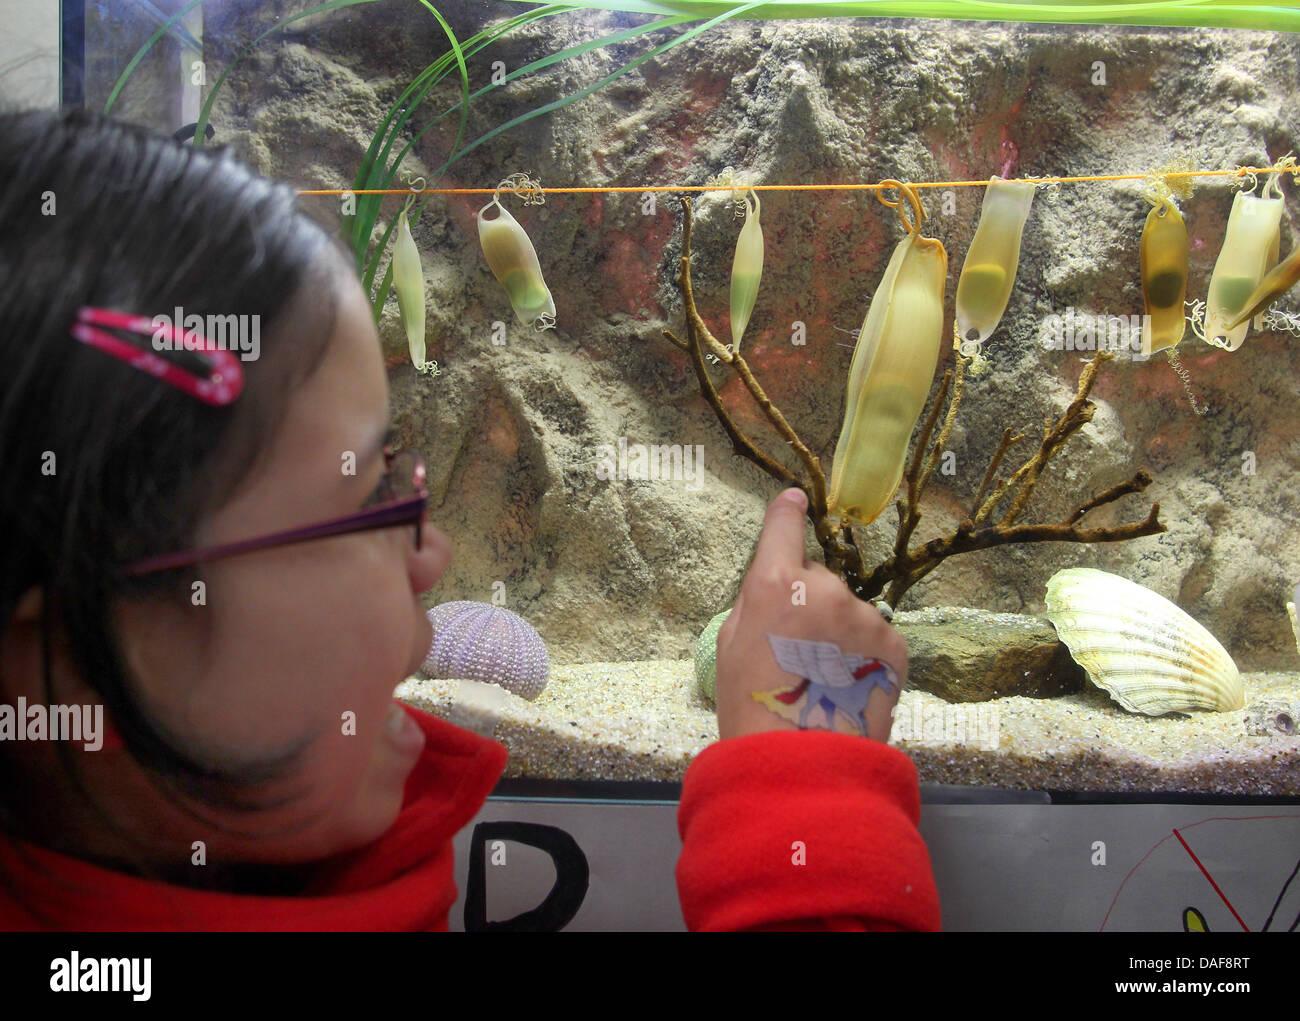 Hai-Eier der klein- und großgefleckten Katzenhaie schaut sich am Donnerstag (10.02.2011) eine junge Schülerin der Stock Photo